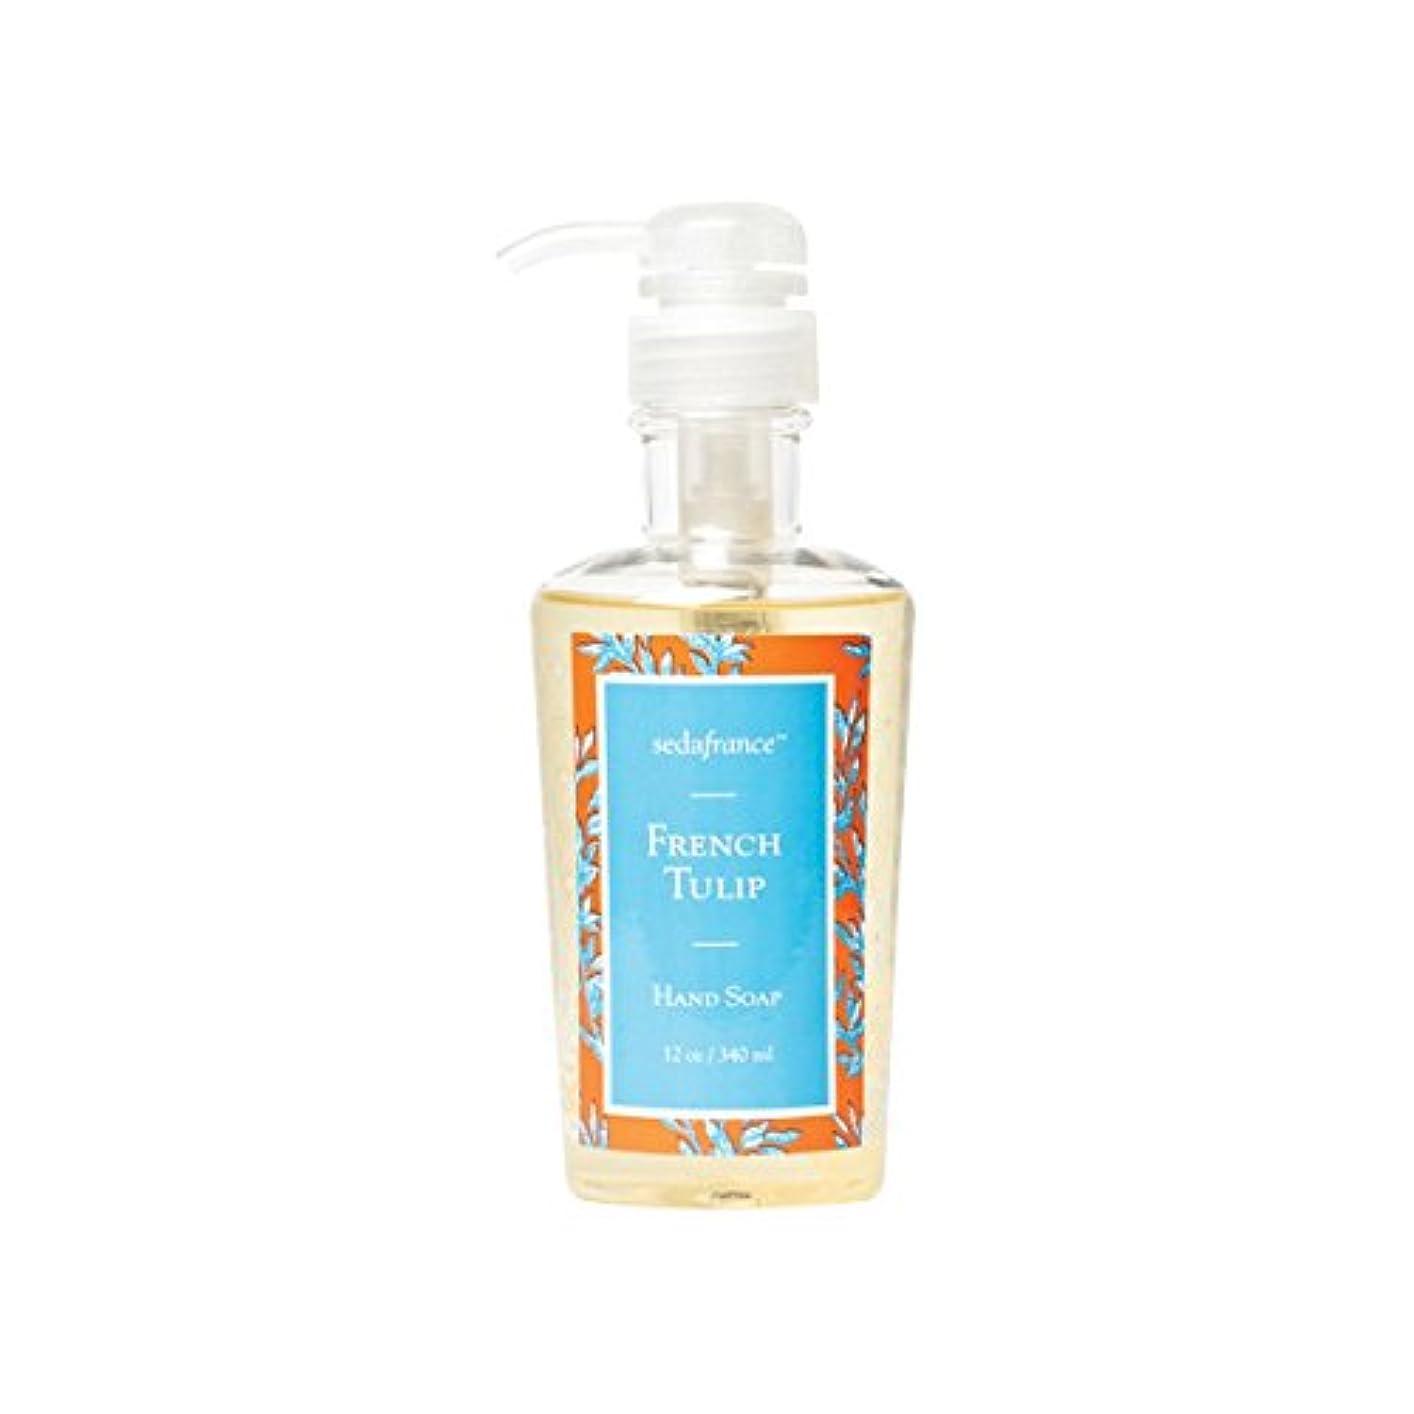 根拠スモッグダイヤルClassic Toile French Tulip Liquid Hand Soap by Seda France